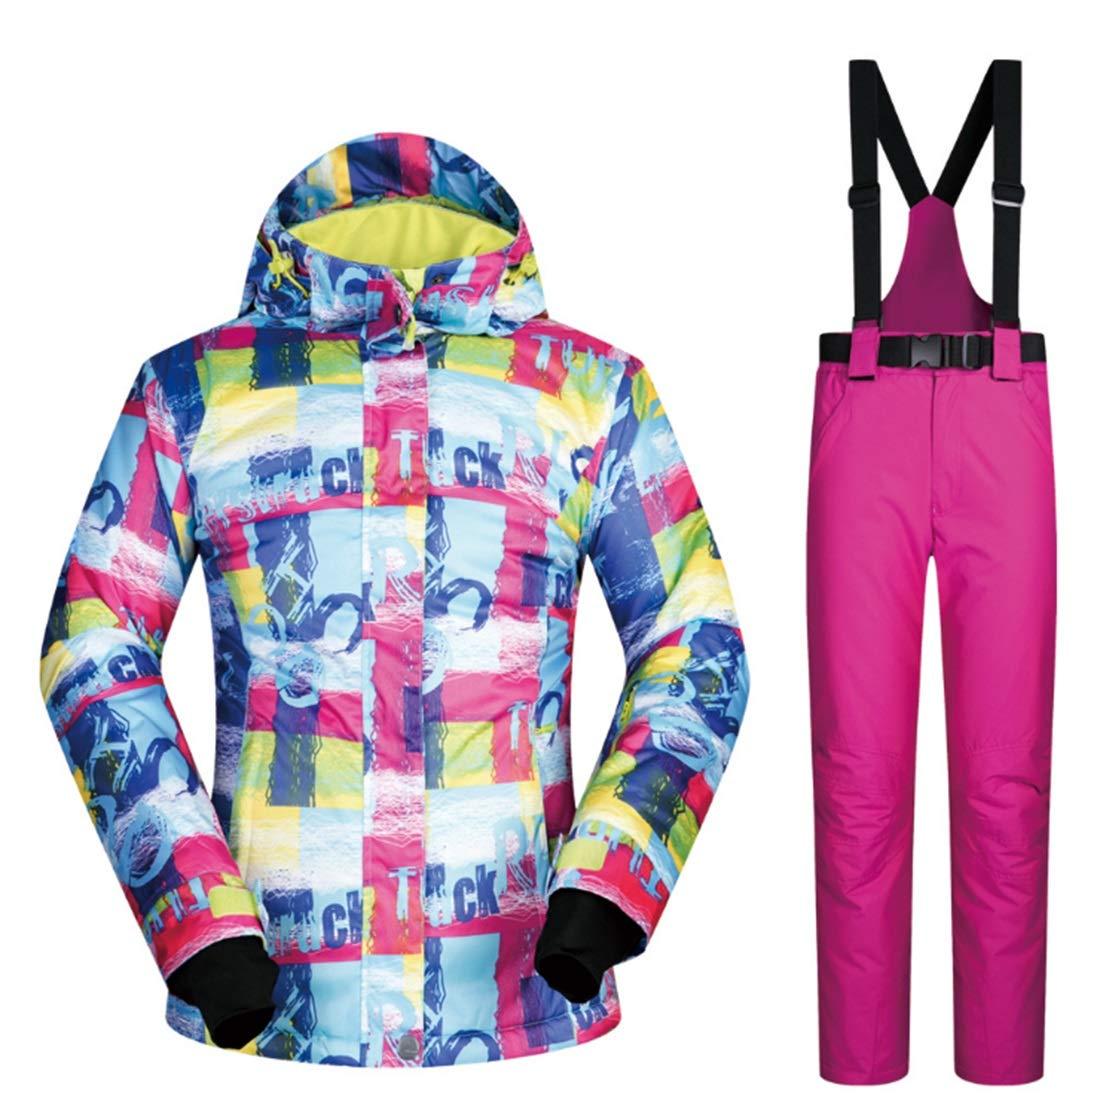 Olprkgdg Giacca da Sci da Donna Impermeabile da Snowboard Snowboard Snowboard Antivento per l'escursionismo all'aperto (Coloree   03, Dimensione   L)B07KWNJ6GMM 06 | Colore Brillantezza  | ecologico  | A Primo Posto Tra Prodotti Simili  | Di Alta Qualità E Poco Costoso   a056e3